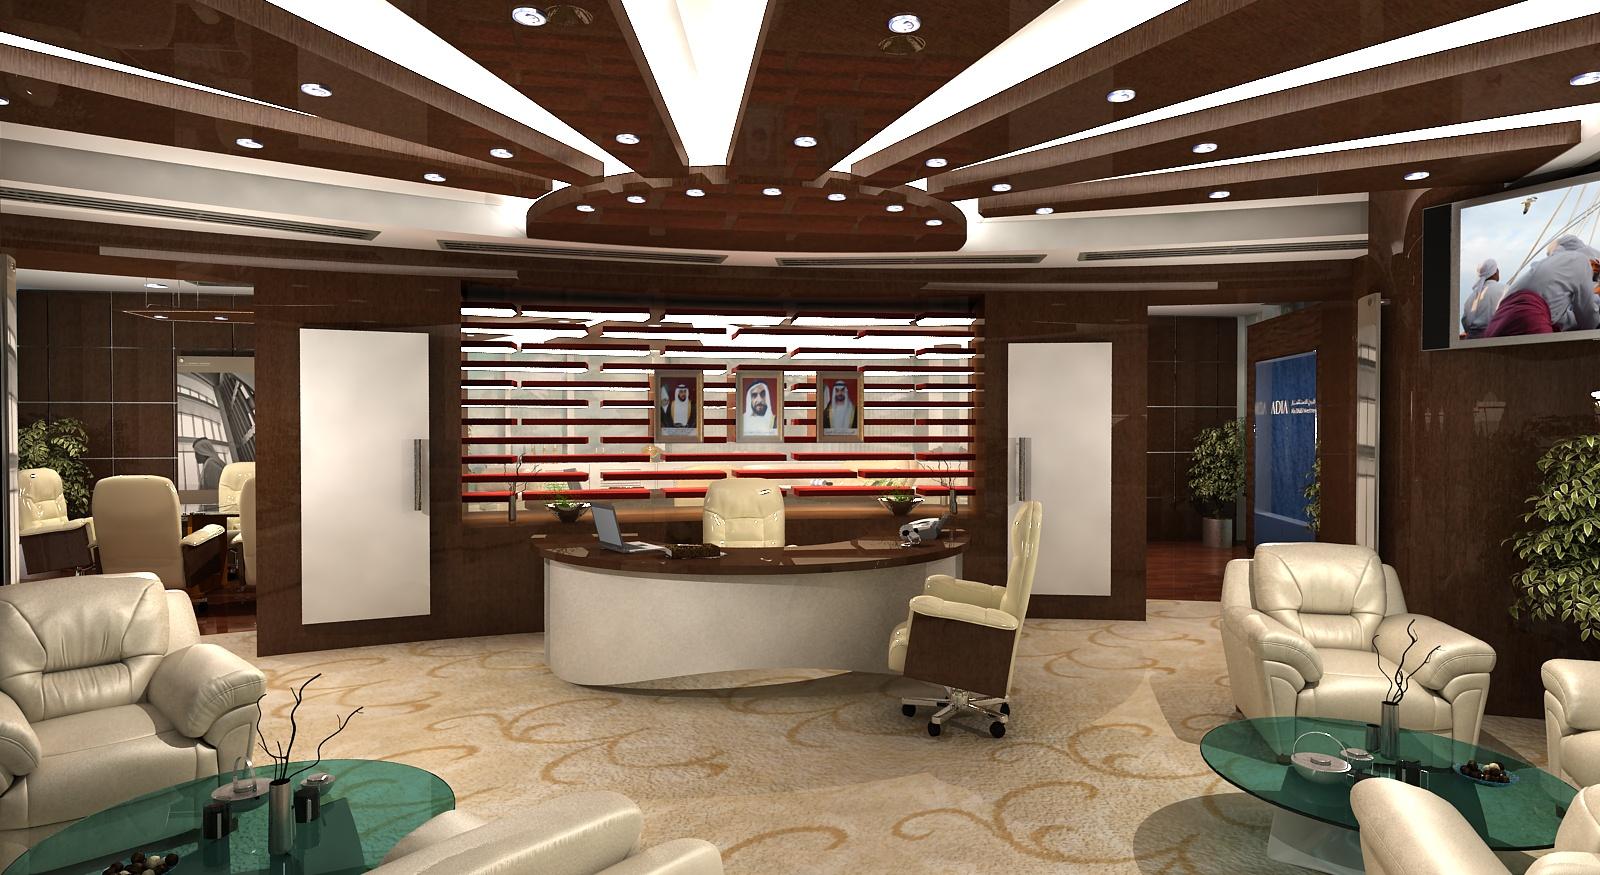 Gurooji design adia ceo 39 s office interior for Office interior design images